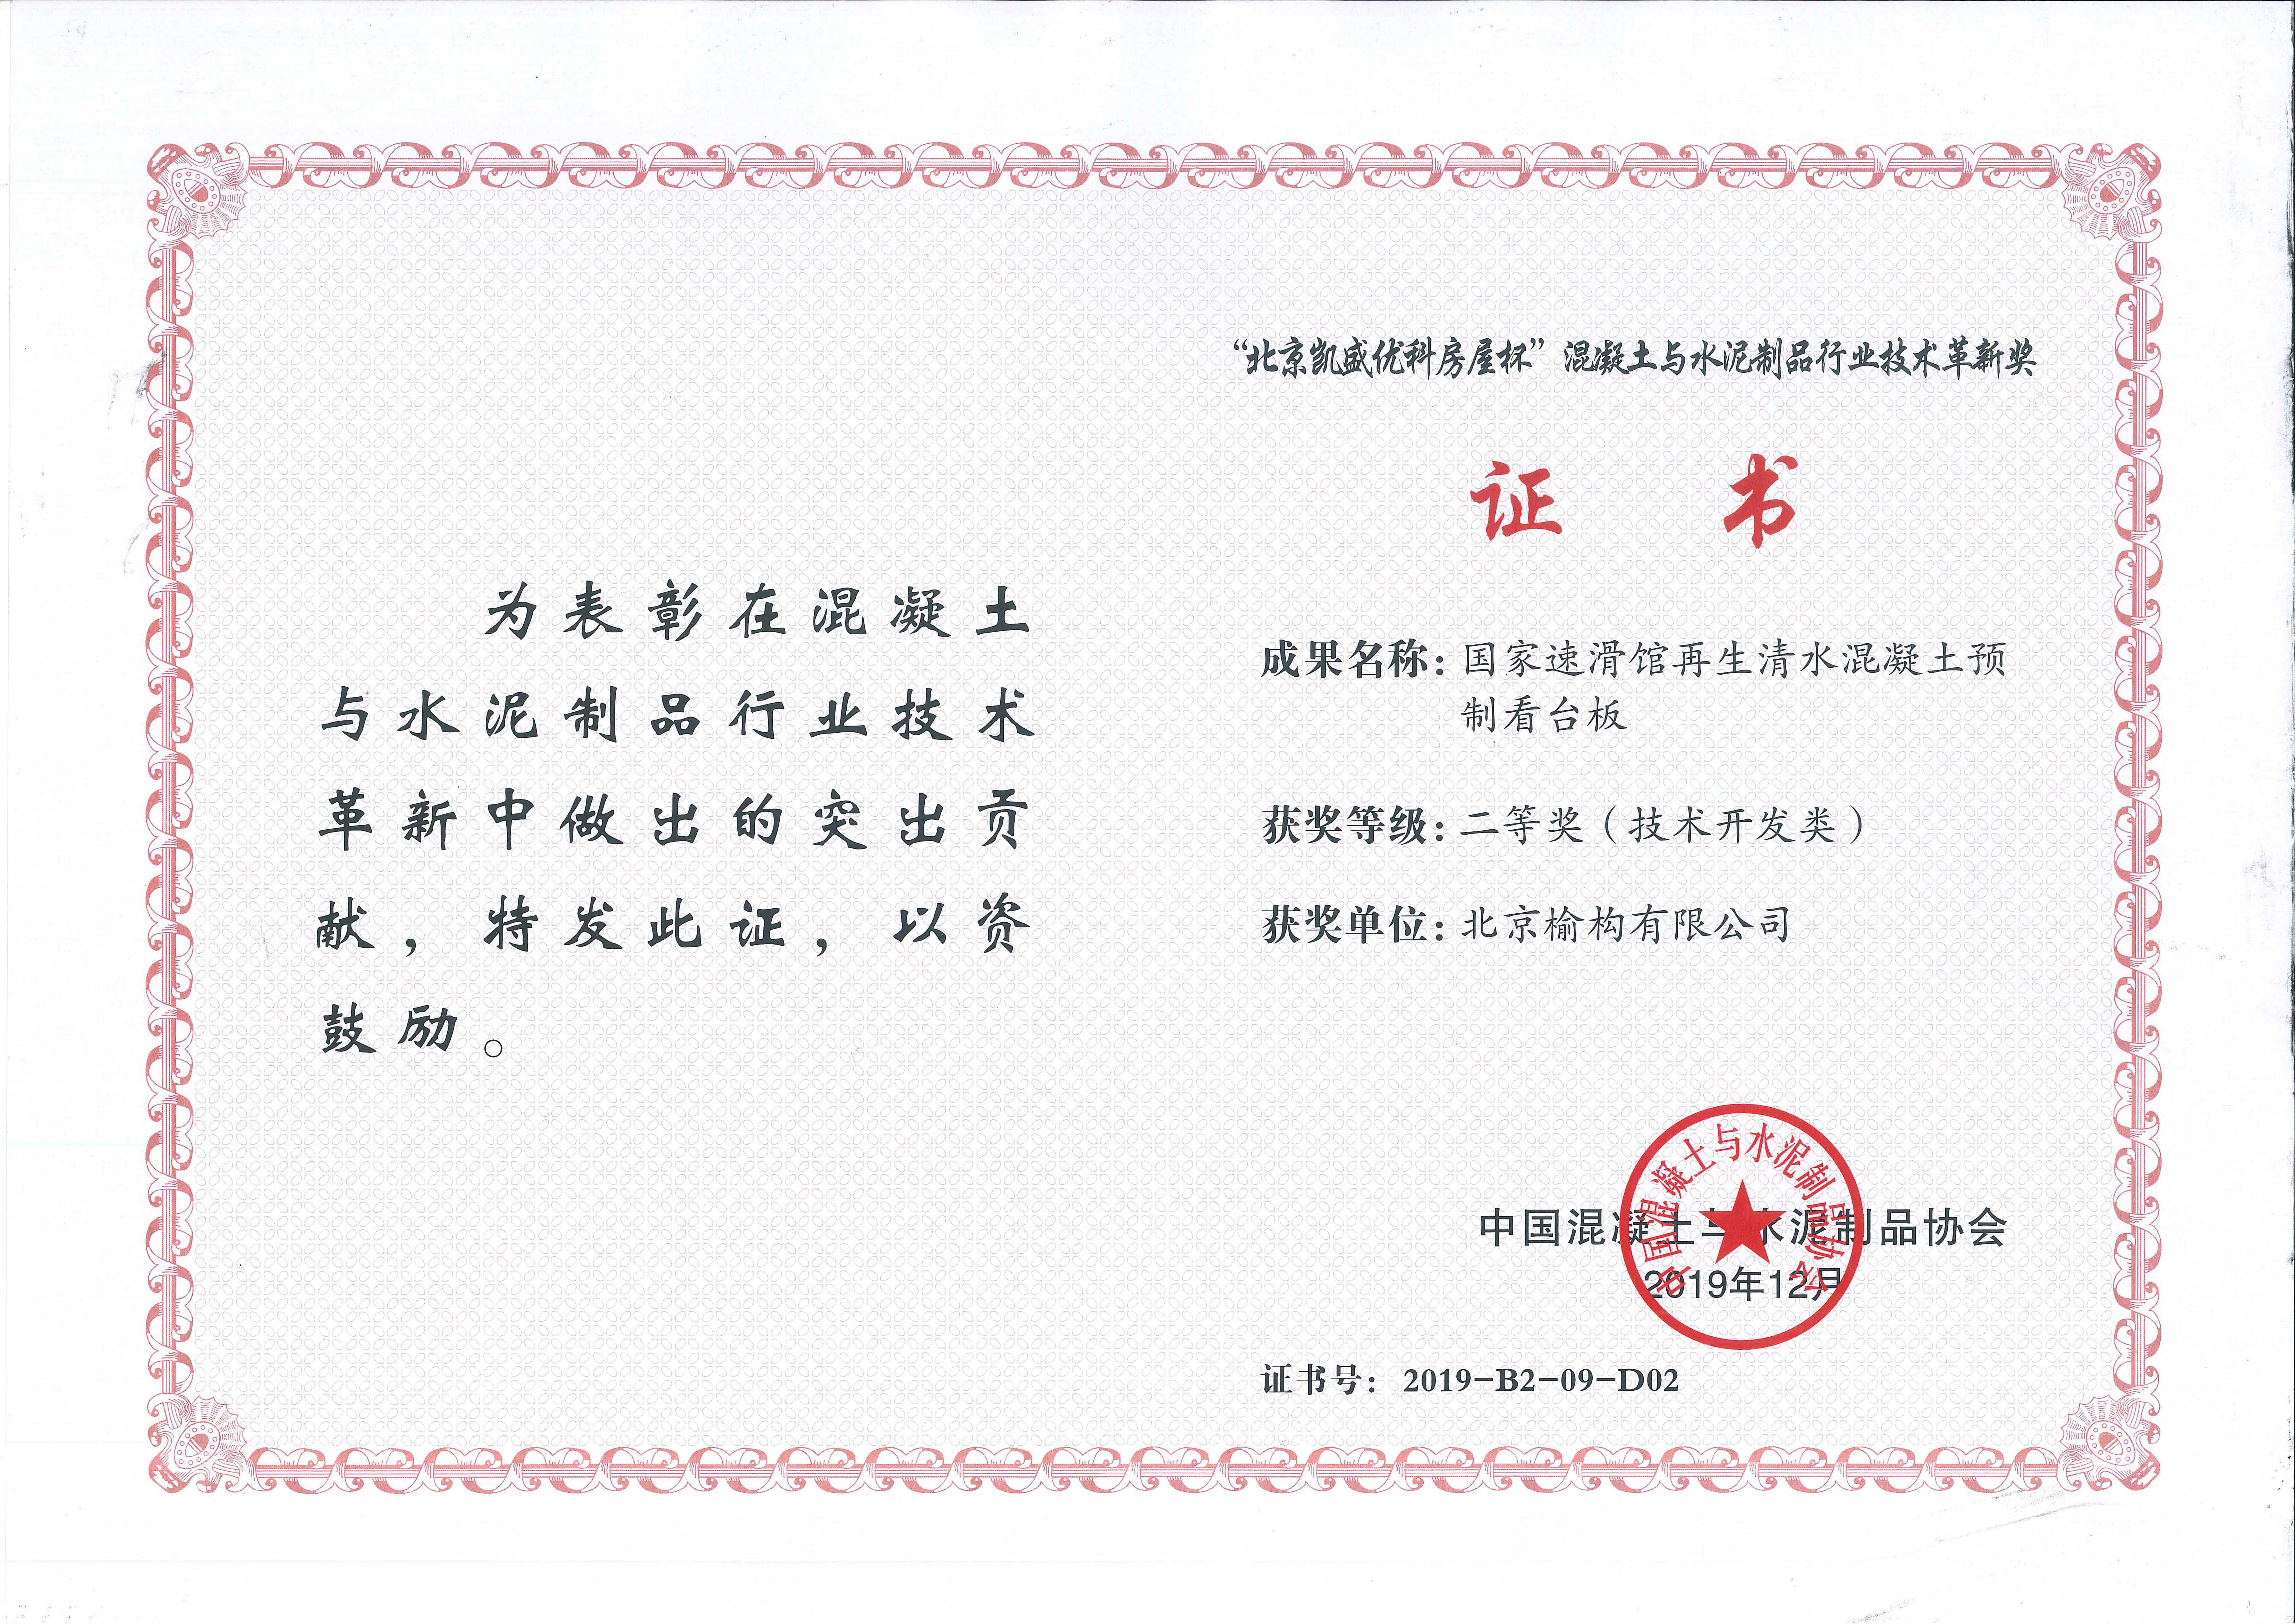 2019混凝土與水泥制品行業技術革新獎